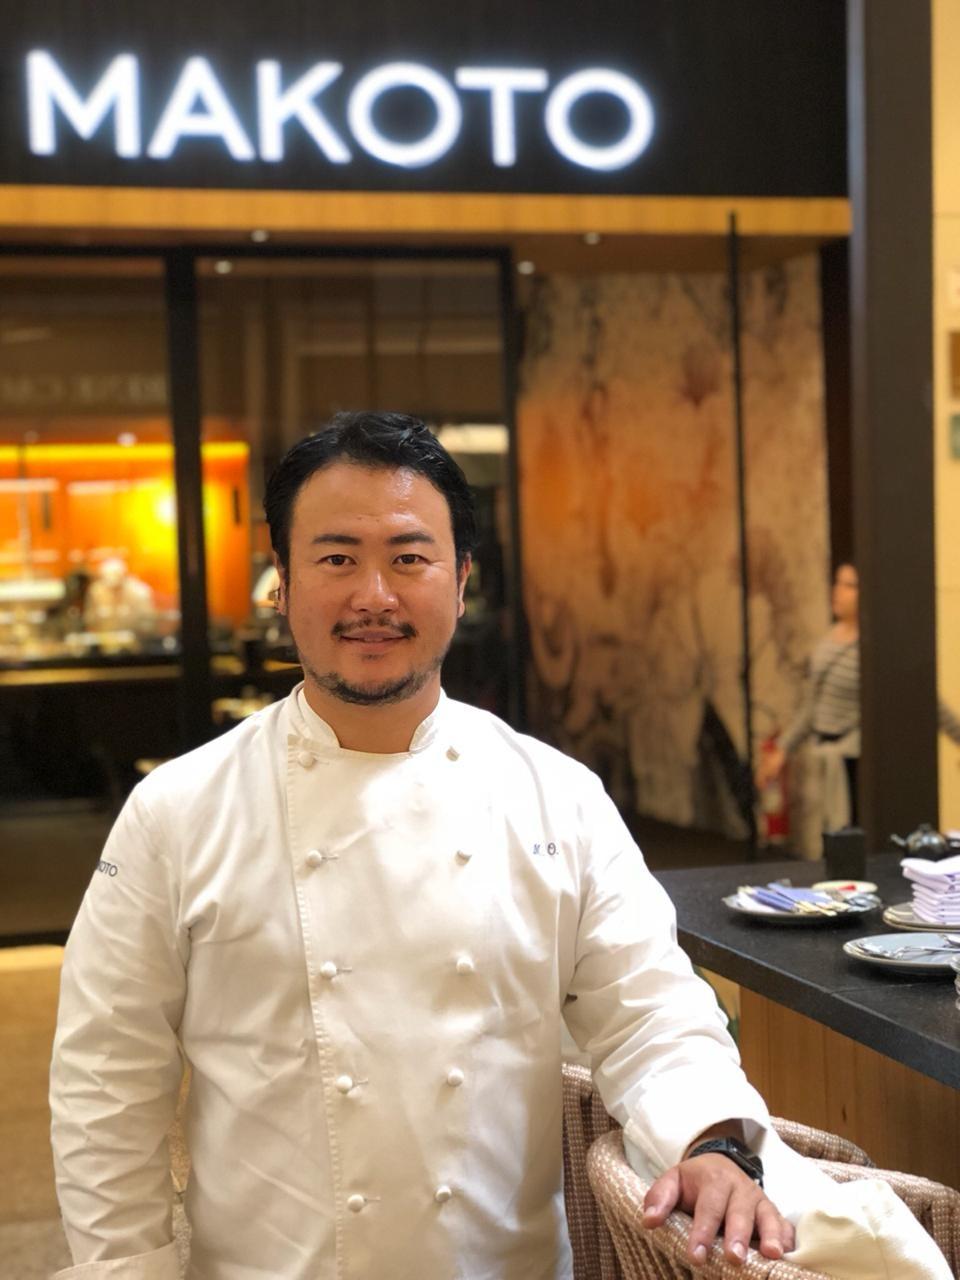 Restaurante Makoto (Foto: Redação)